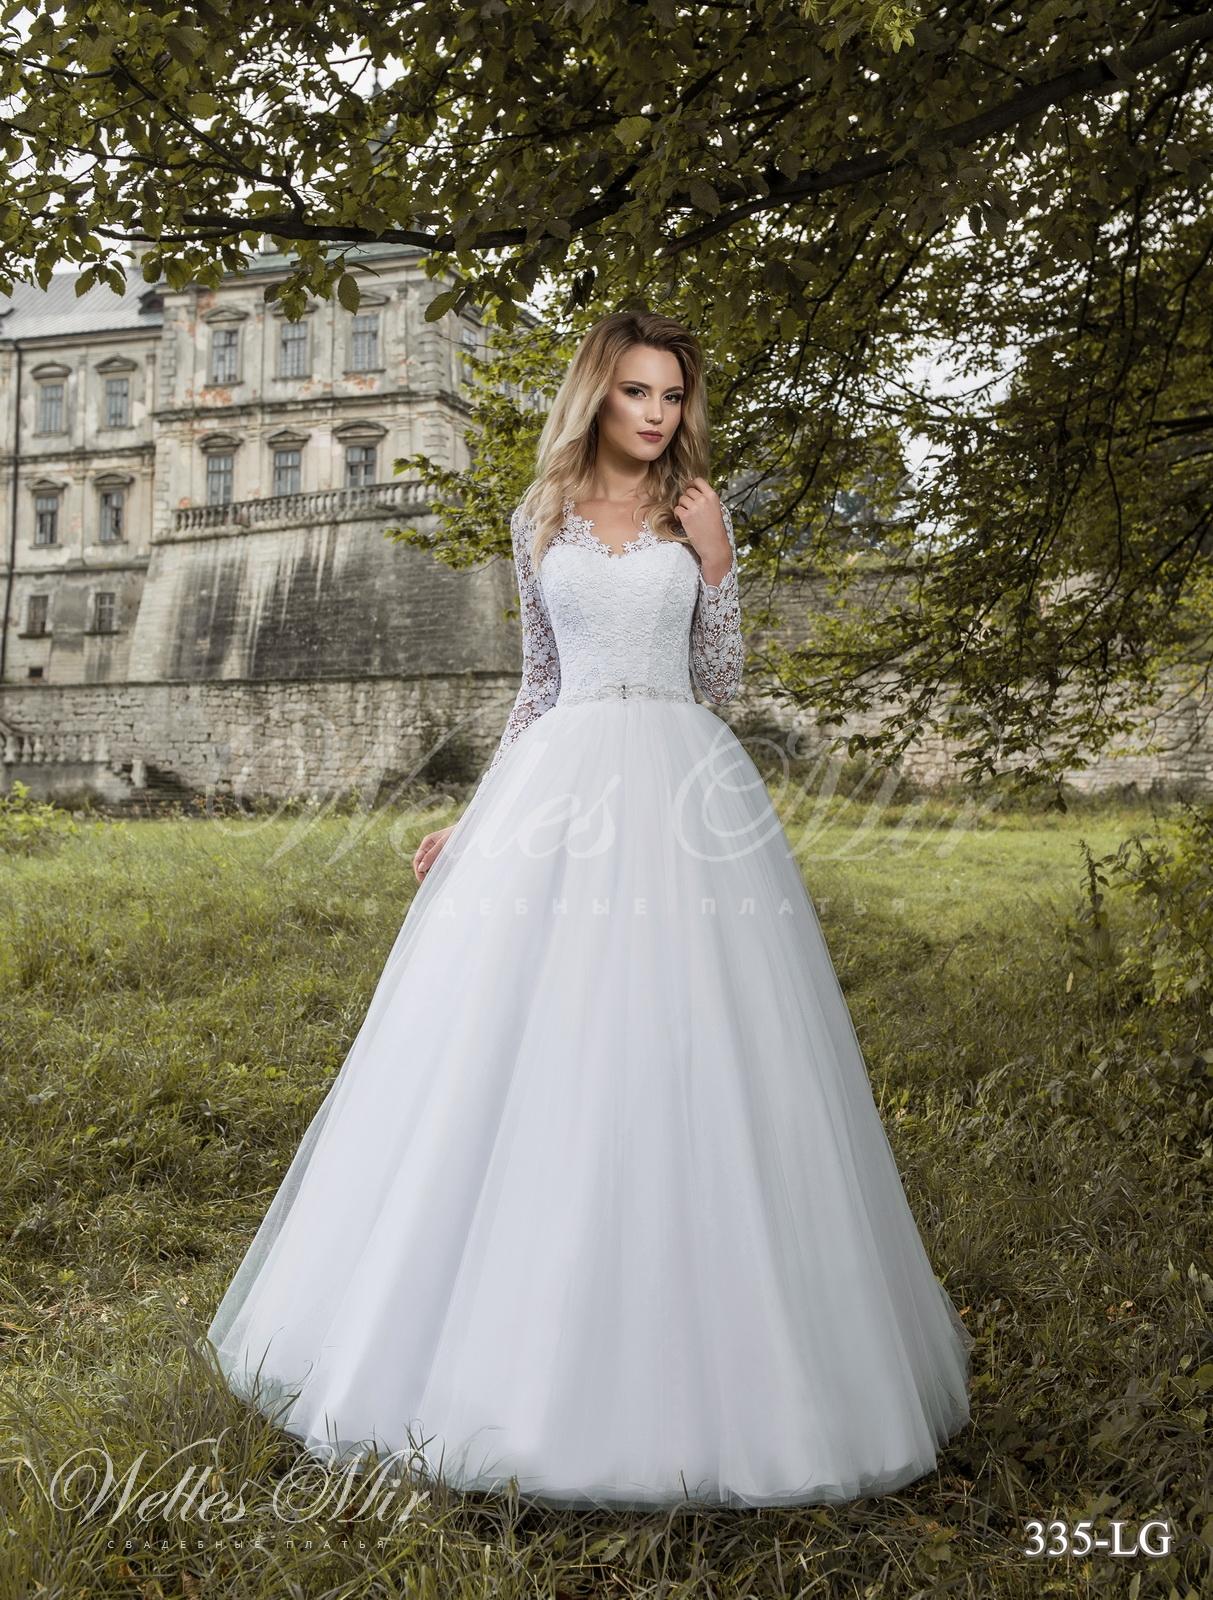 Свадебные платья Exquisite Collection - 335-LG